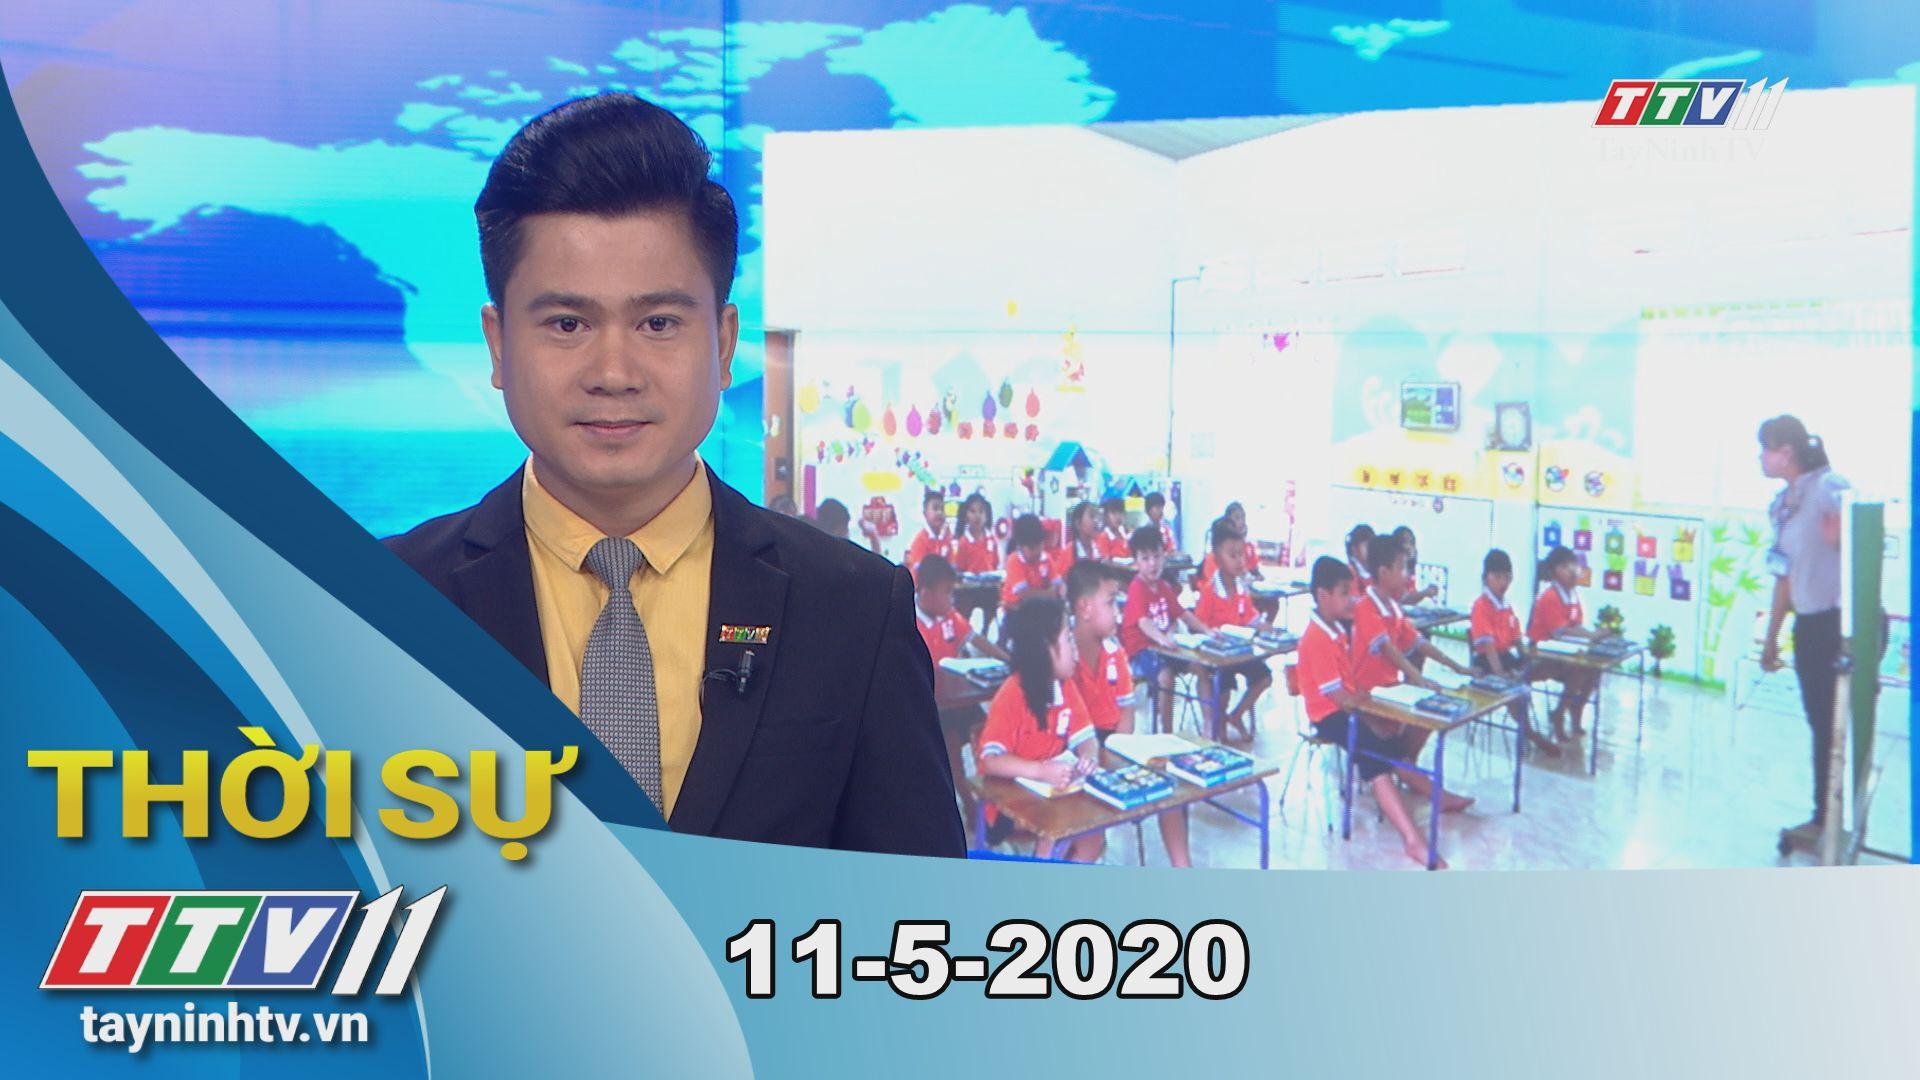 Thời sự Tây Ninh 11-5-2020 | Tin tức hôm nay | TayNinhTV